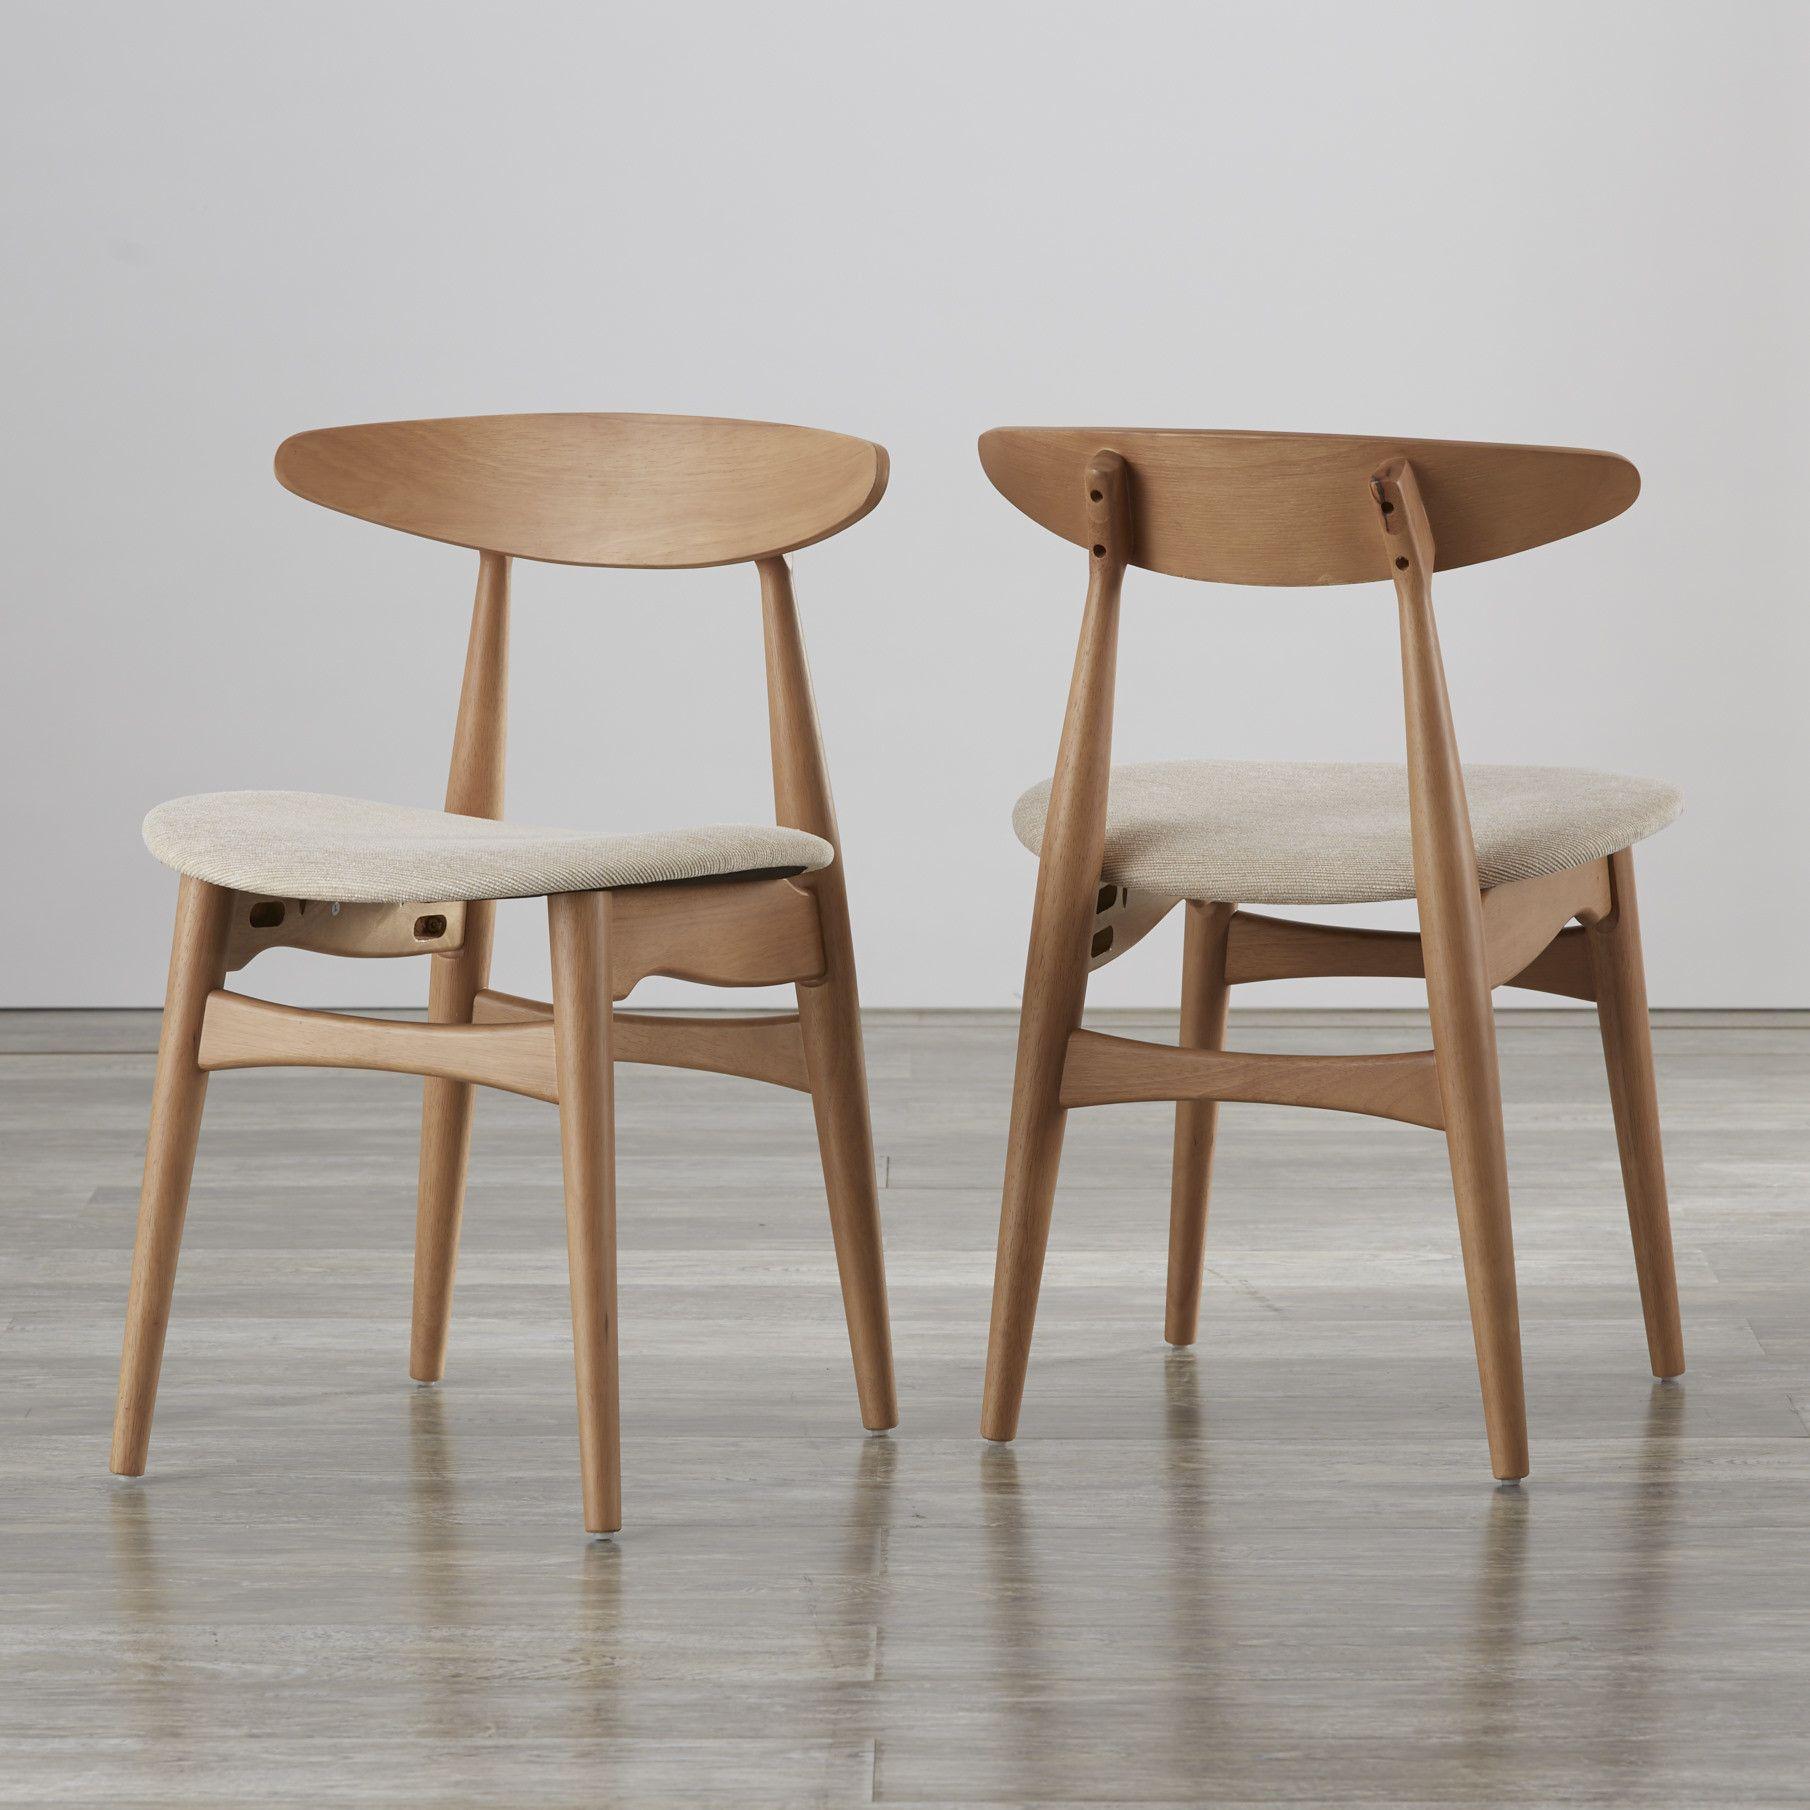 wayfair kitchen chairs Furniture